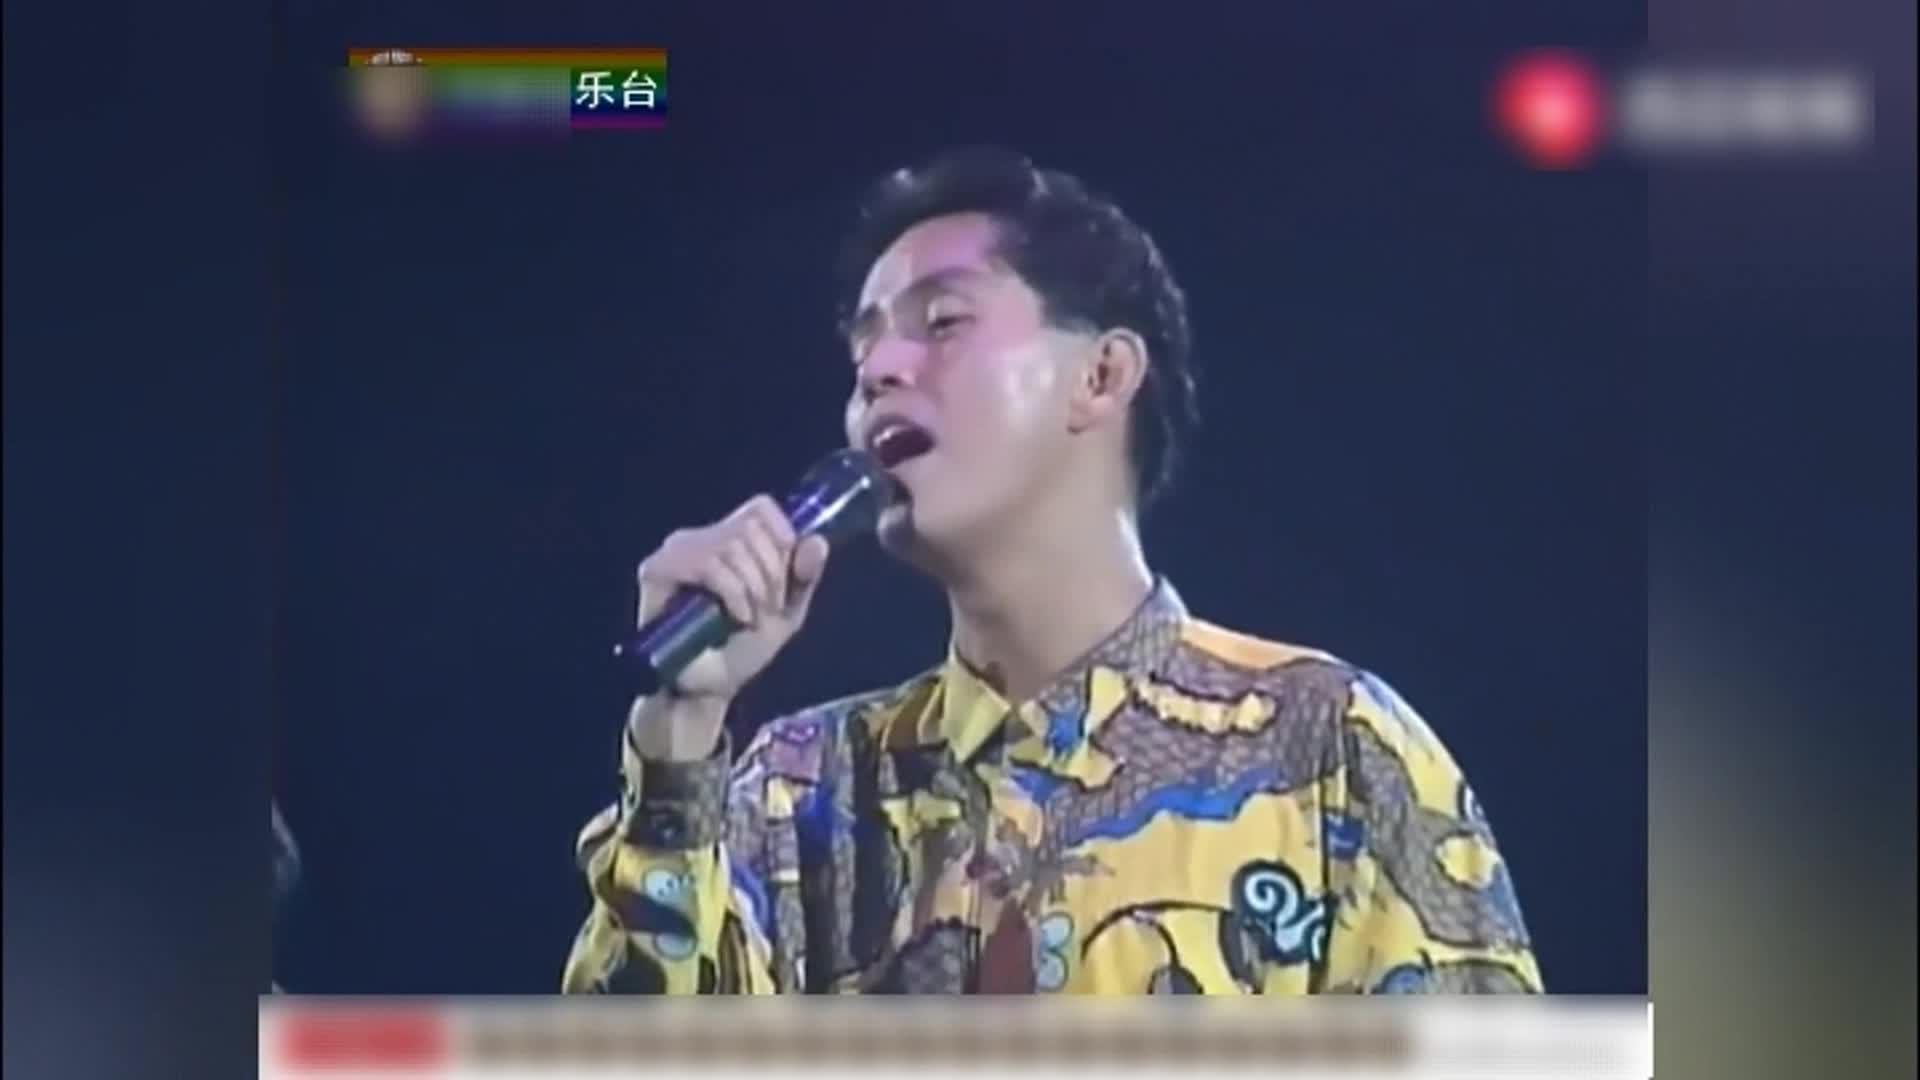 当年和谭咏麟合唱的这位女歌手,唱功不在校长之下,谁还记得她?